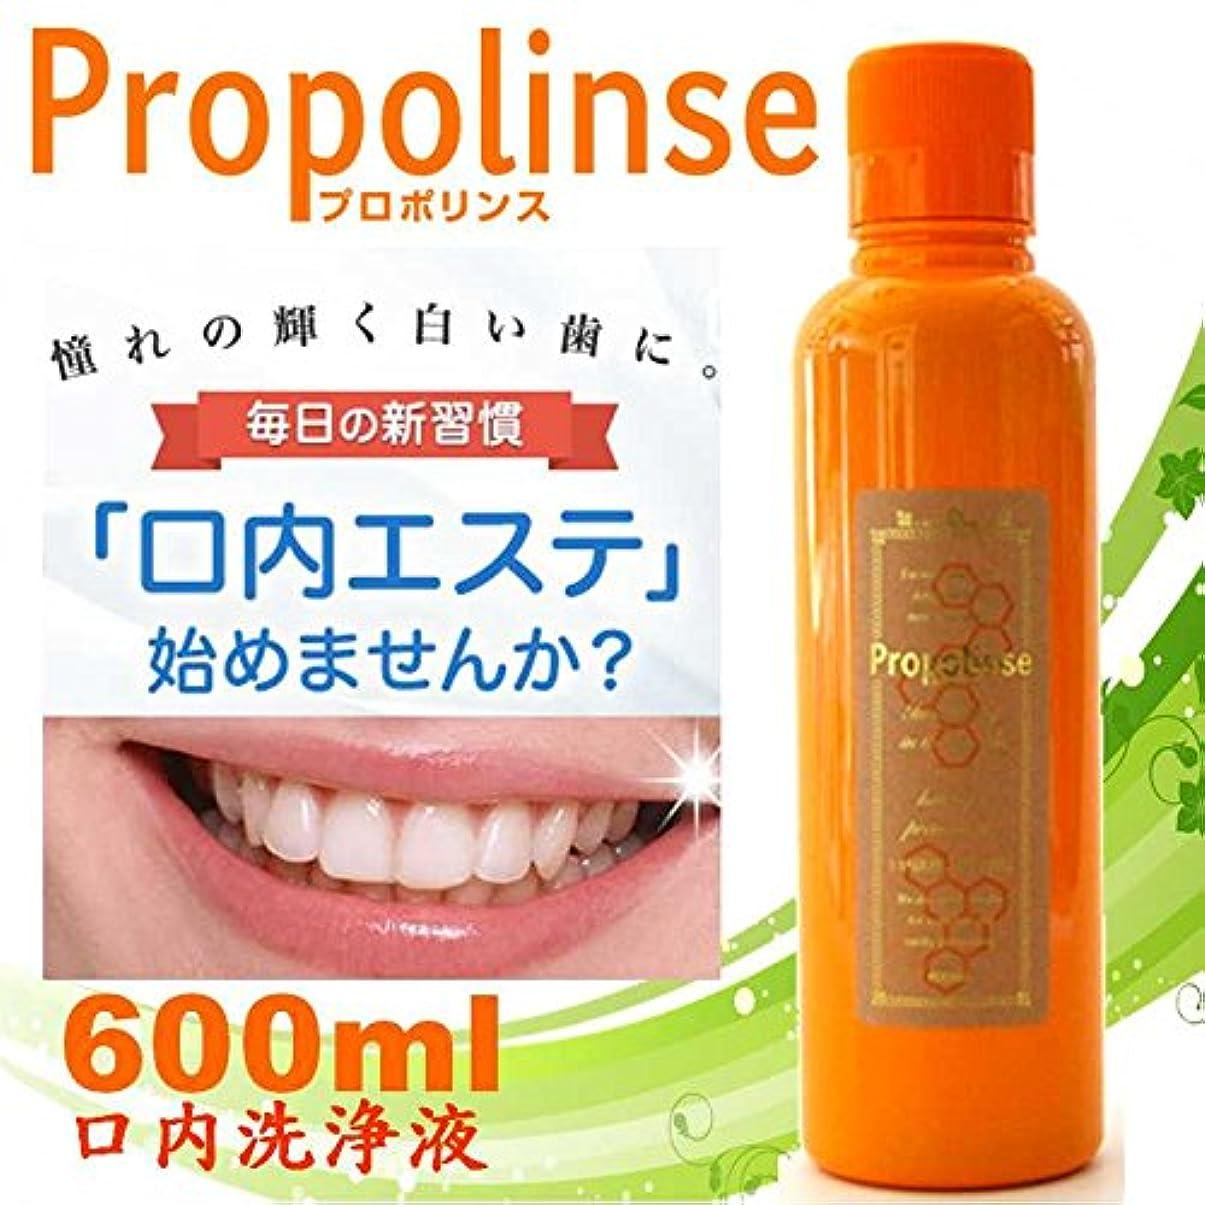 ブランク句読点防止Propolinse プロポリンス 600ml×30本 洗口液 口内洗浄